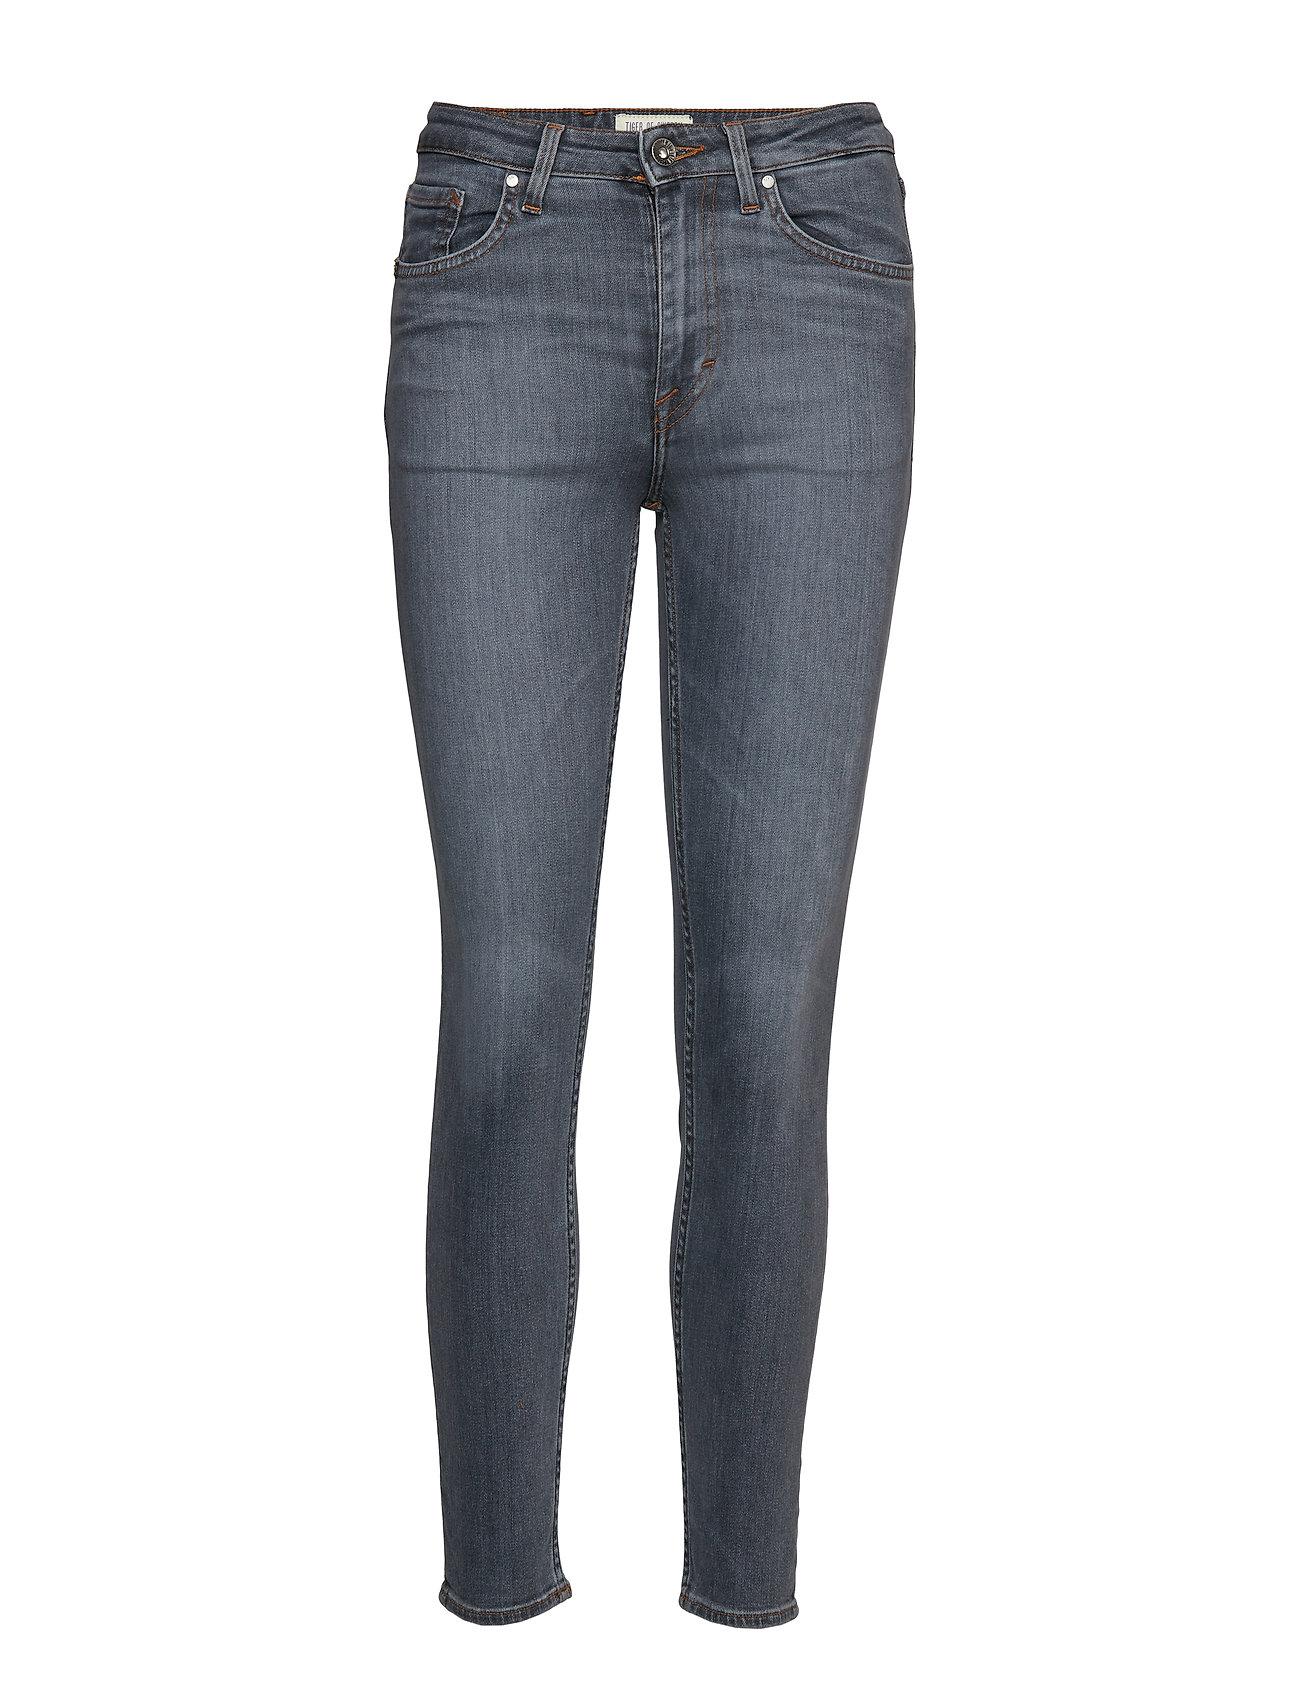 Tiger of Sweden Jeans SHELLY - BLACK